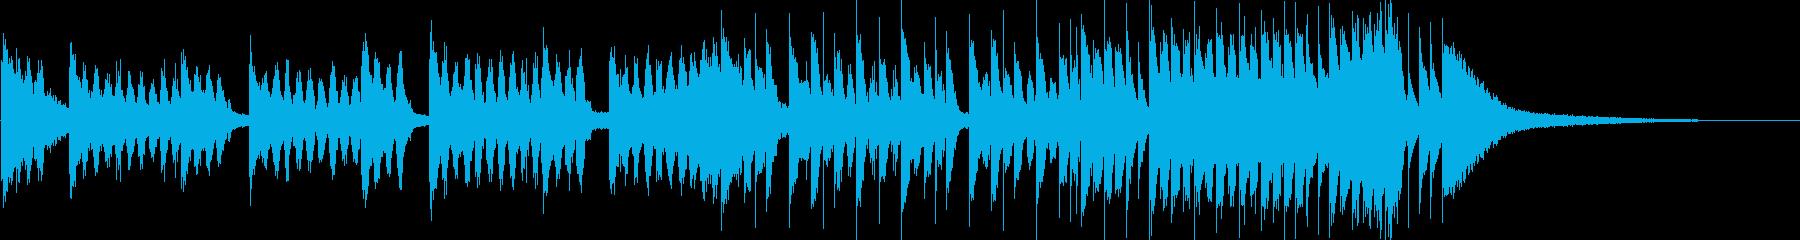 企業VP・明るいFutureBass cの再生済みの波形